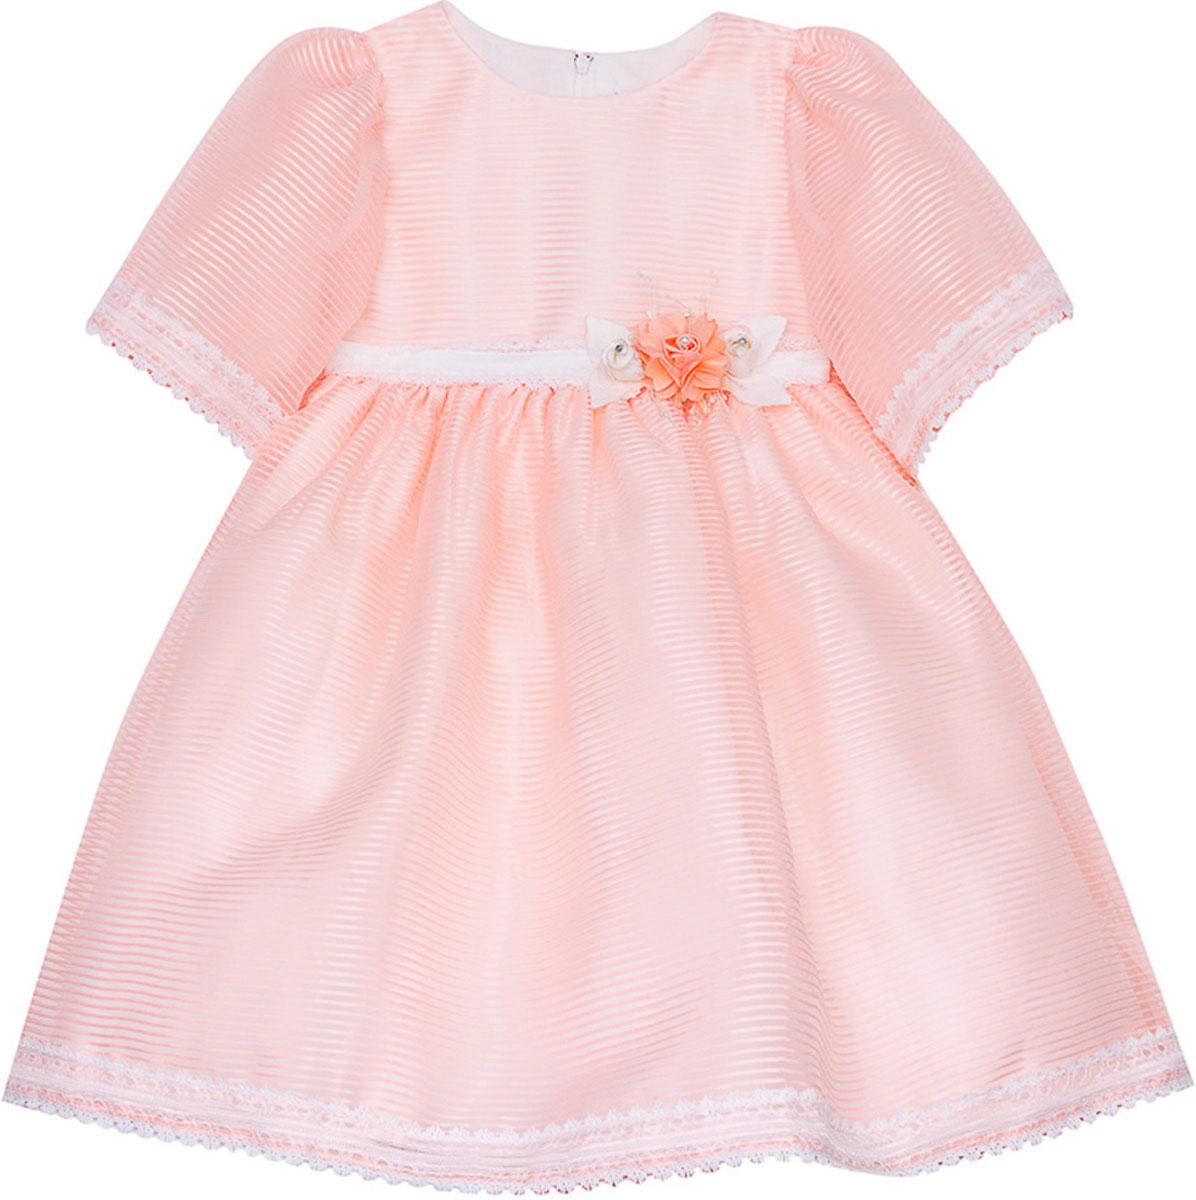 Платье для девочки Vitacci, цвет: розовый. 2171407-11. Размер 1202171407-11